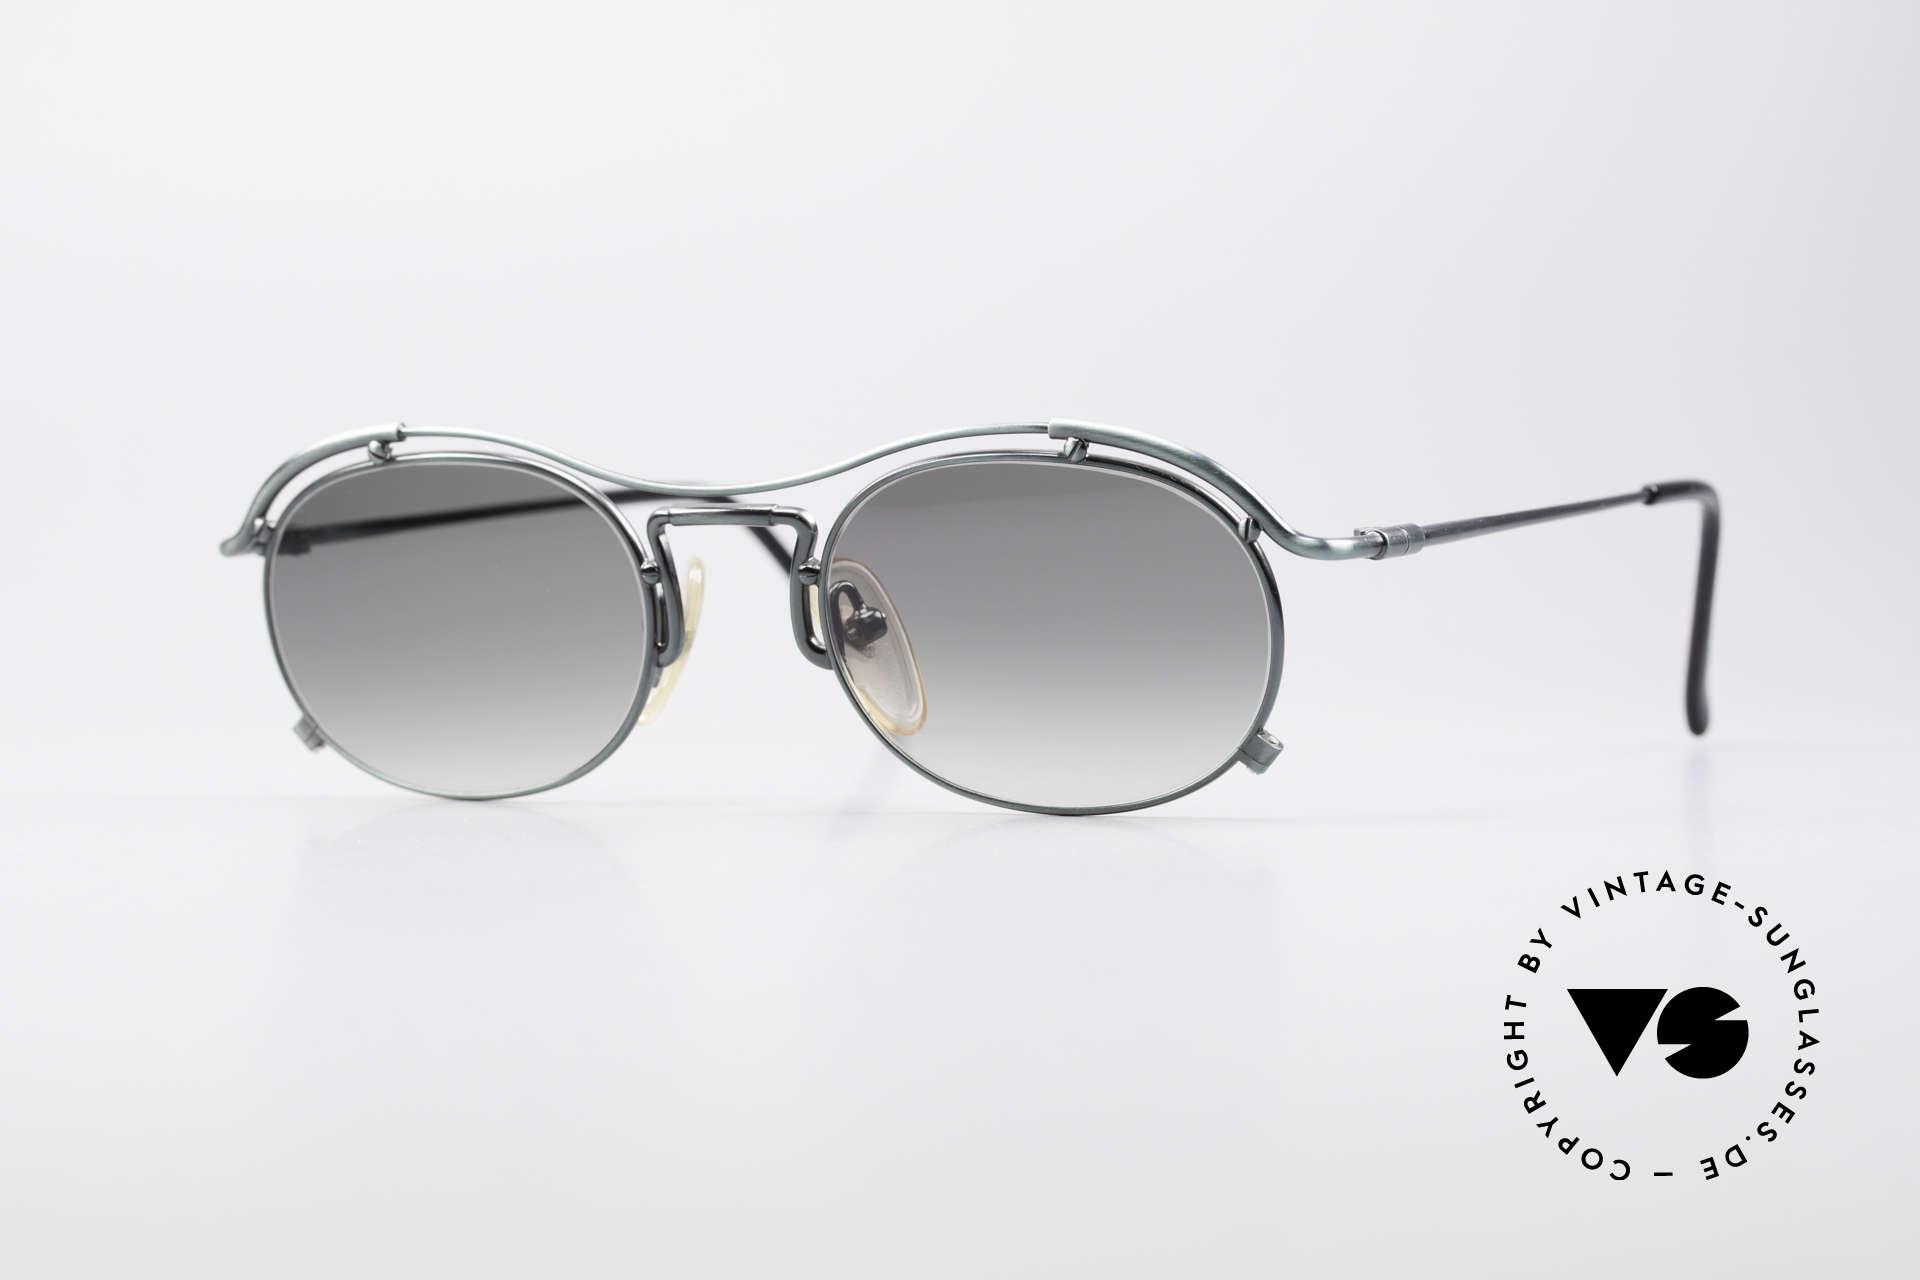 Jean Paul Gaultier 55-2170 Vintage 90er Sonnenbrille, true VINTAGE Jean Paul GAULTIER Designer-Brille, Passend für Herren und Damen